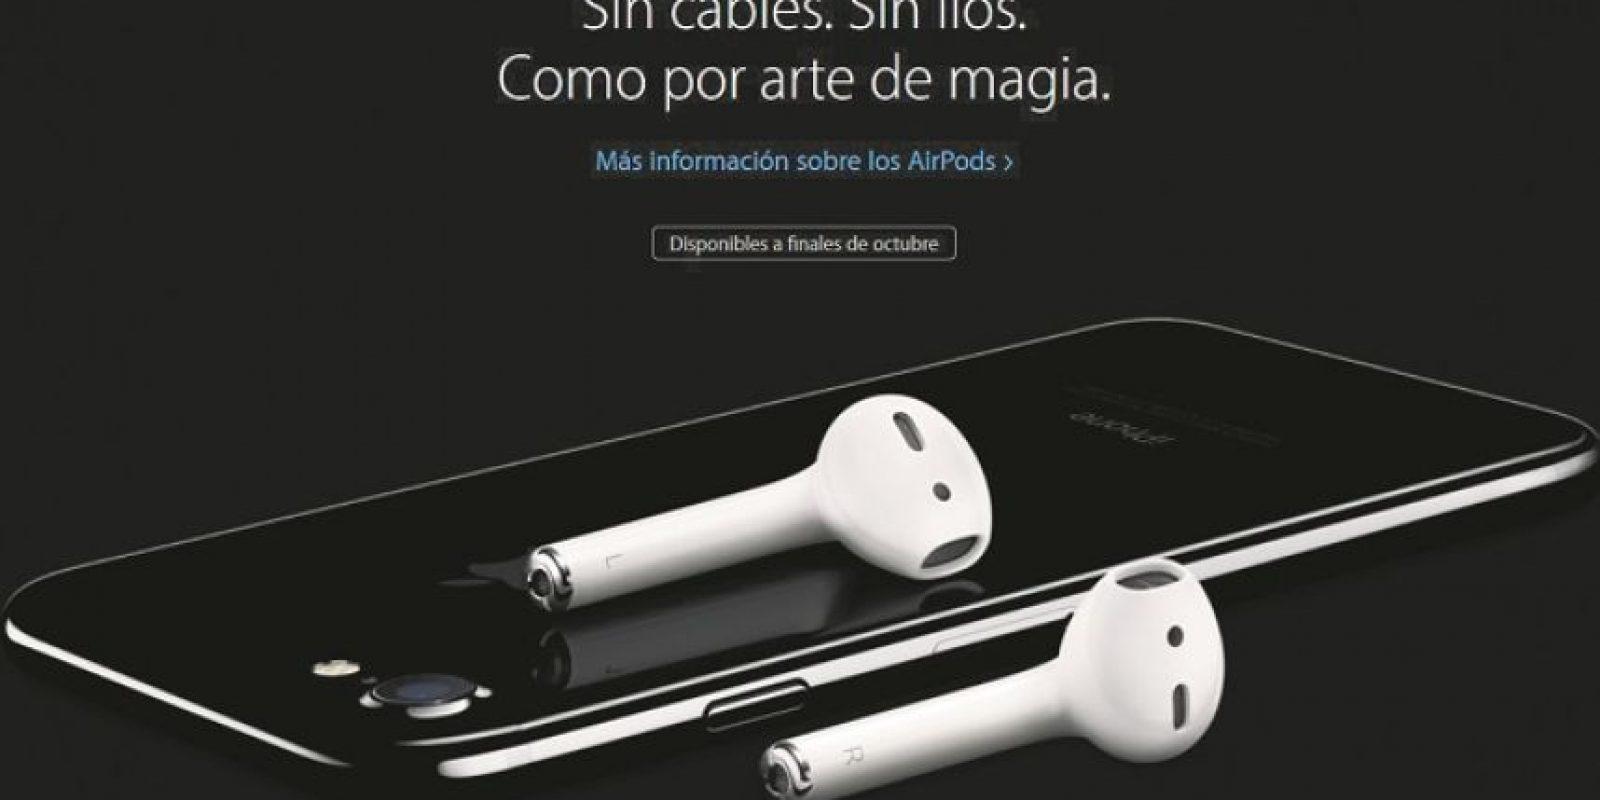 """Los auriculares sin cable """"AirPod"""" es otra de las grandes revoluciones de Apple presentadas ayer. Foto: efe"""